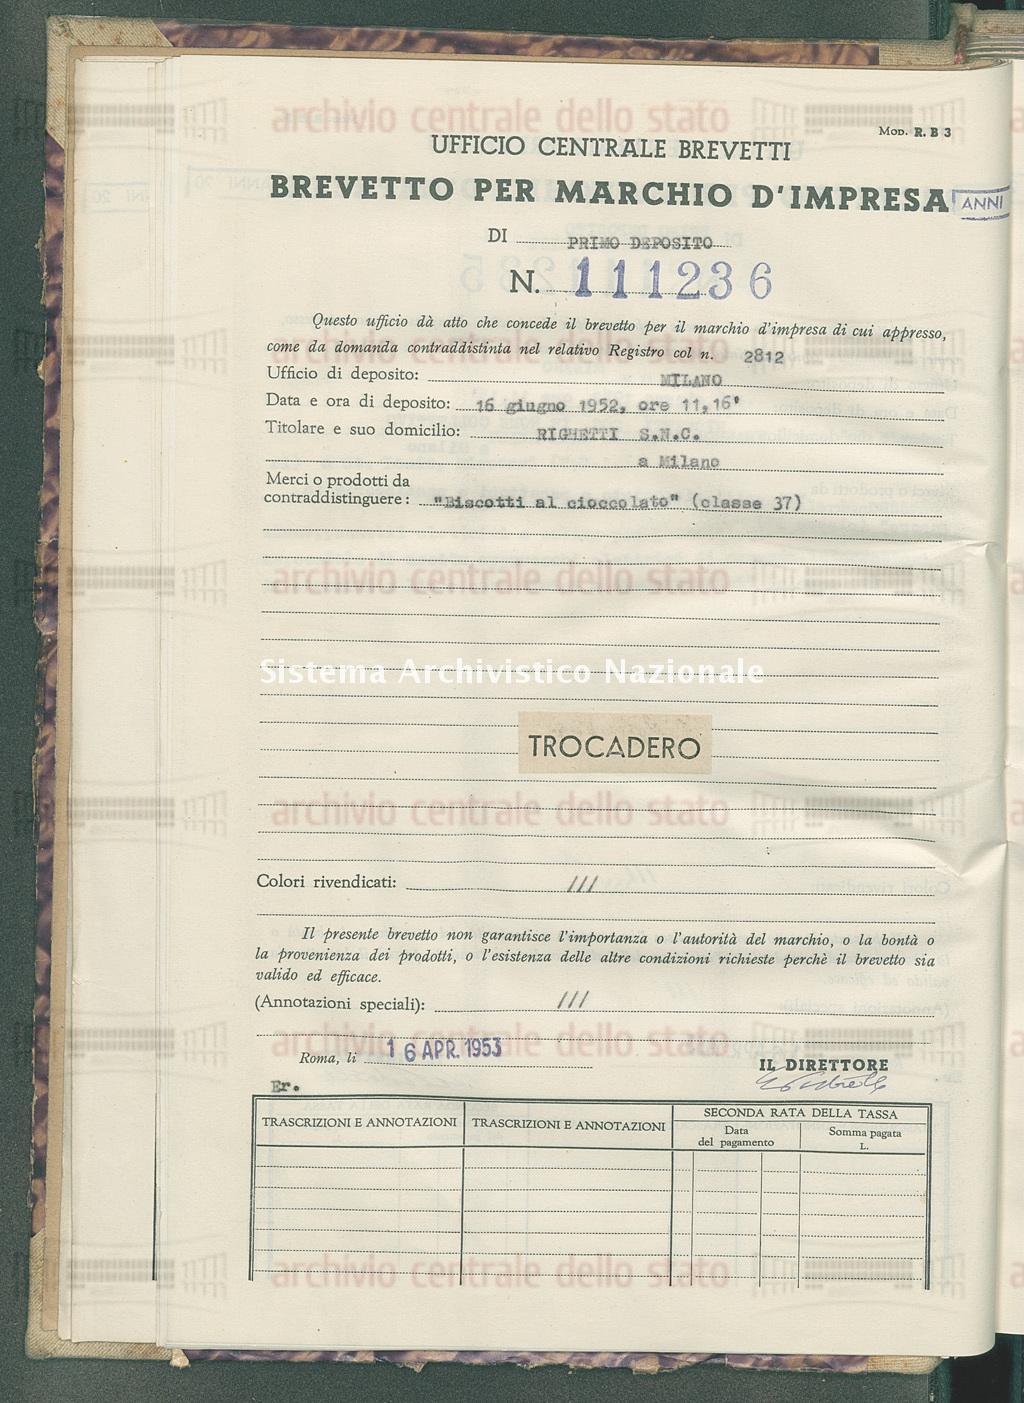 'Biscotti al cioccolato' Righetti S.N.C. (16/04/1953)